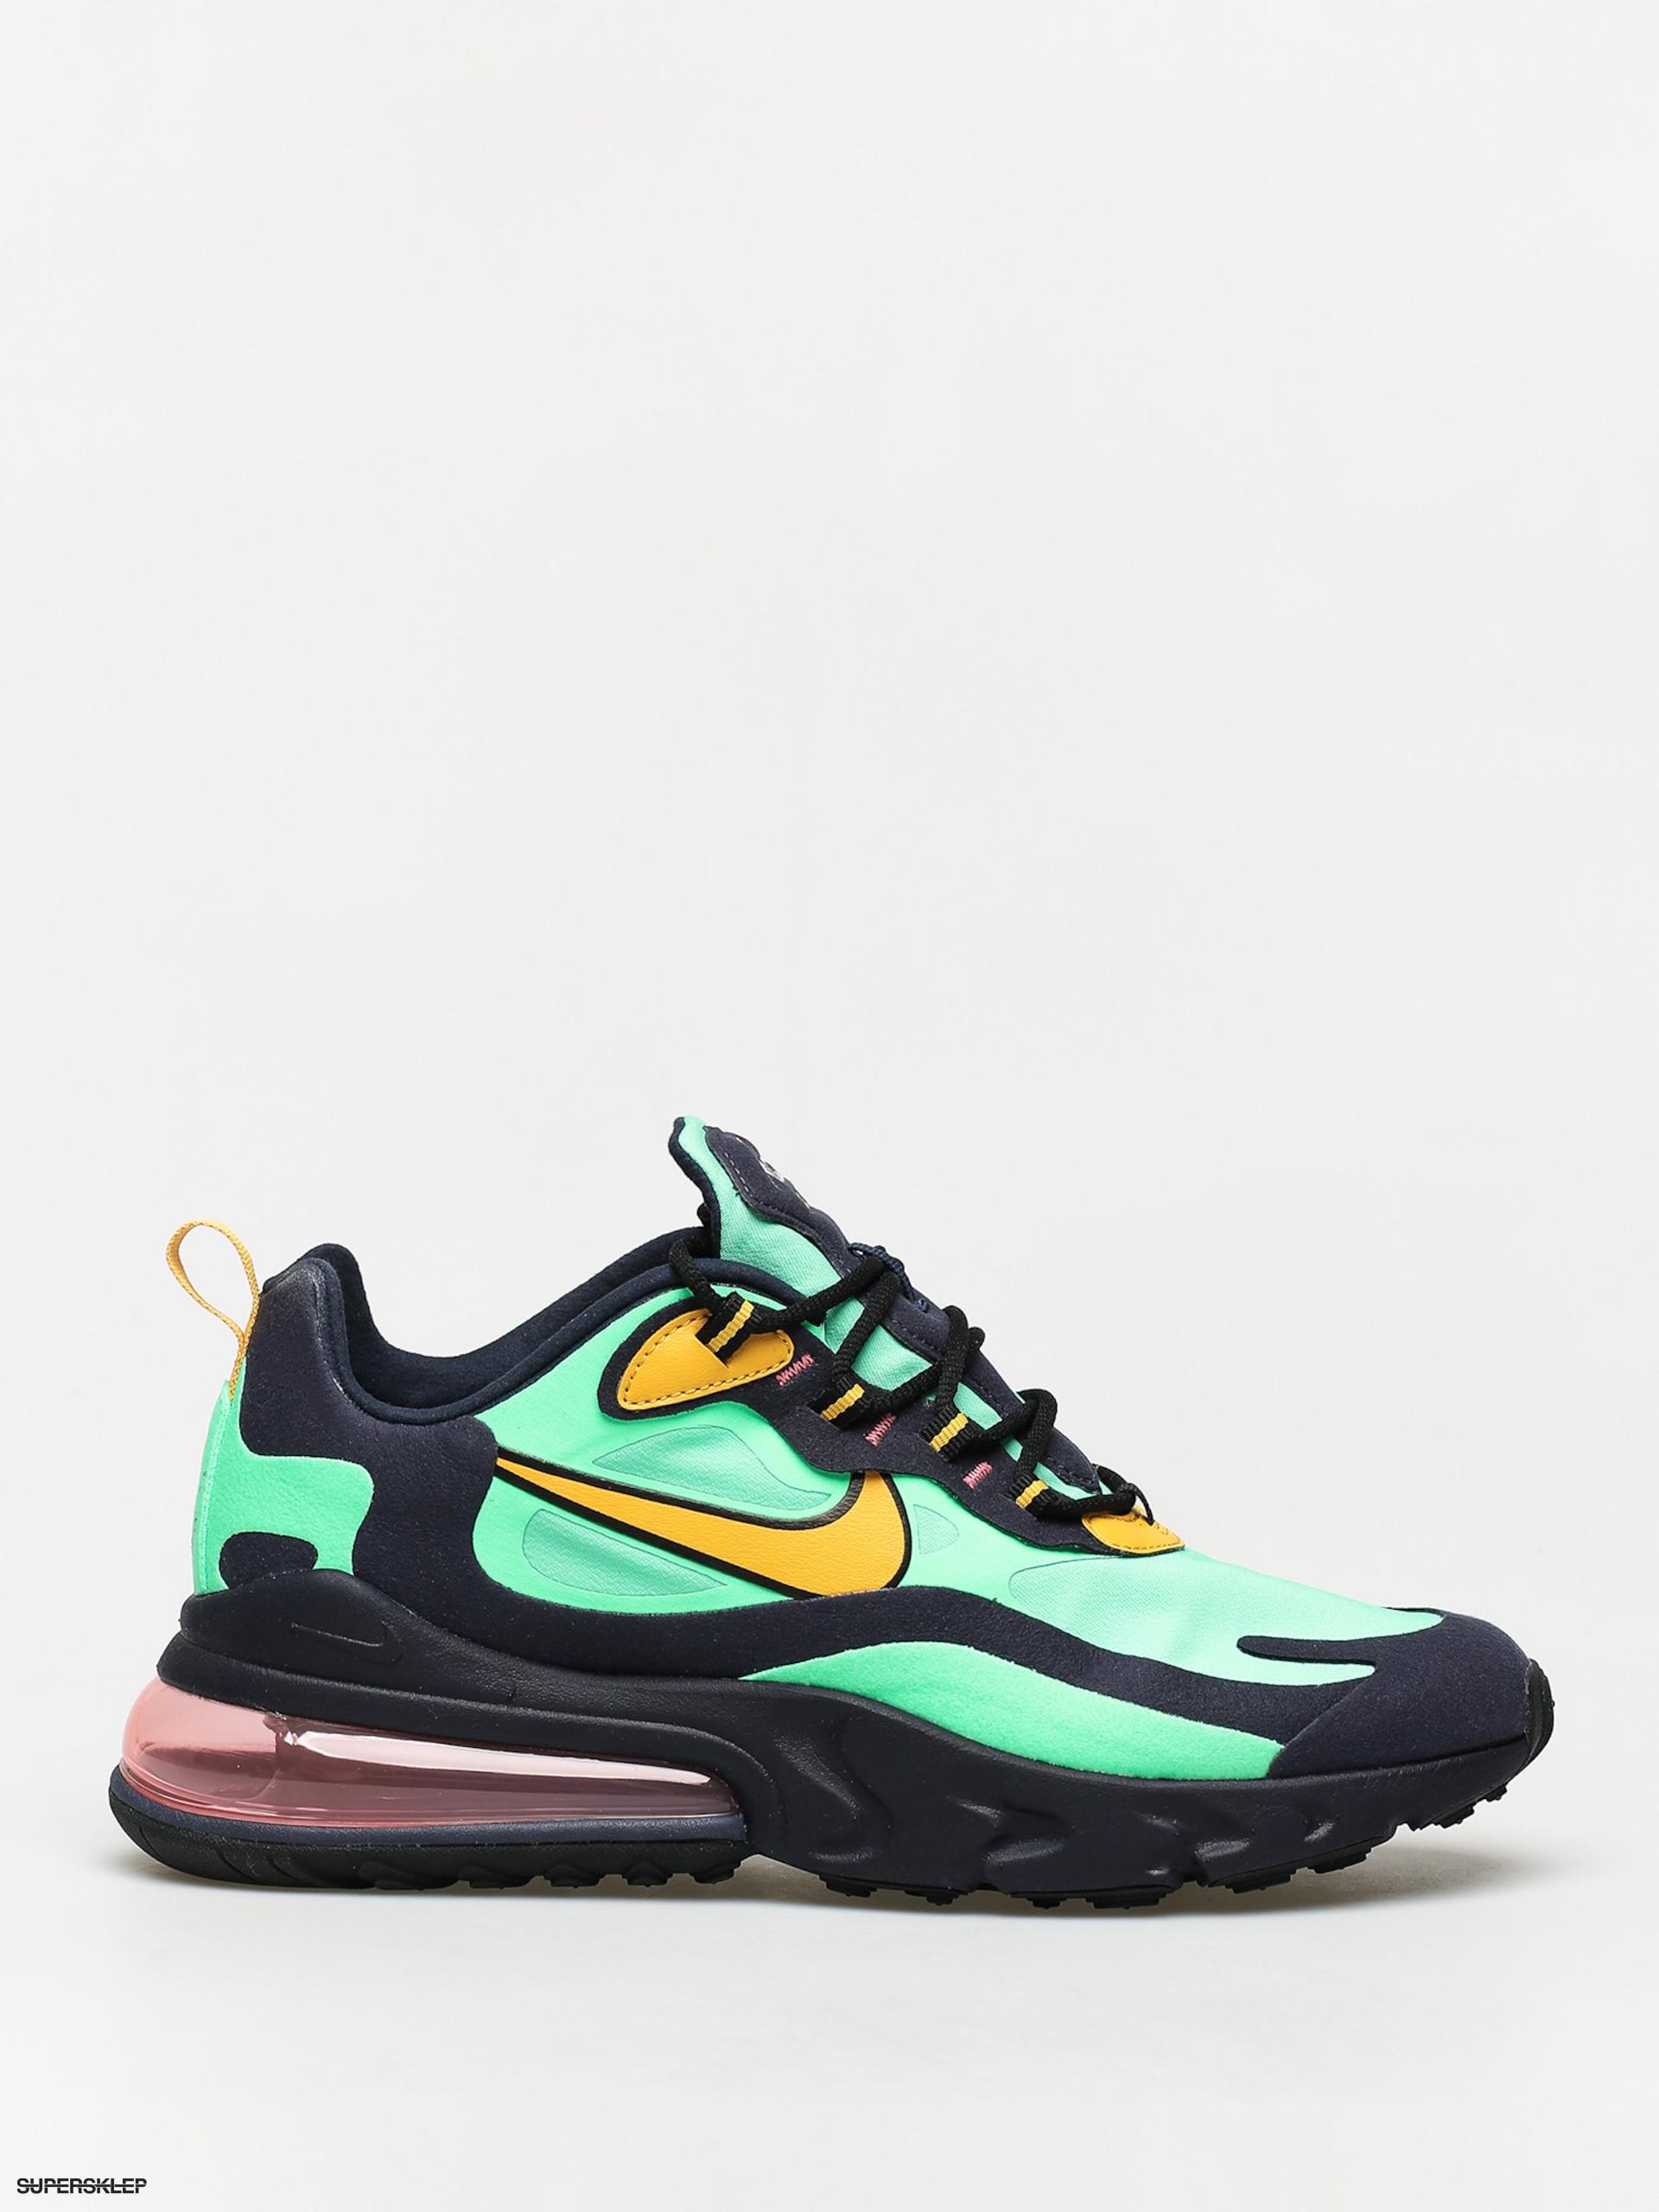 Buty Nike Air Max 270 React (electro greenyellow ochre obsidian)